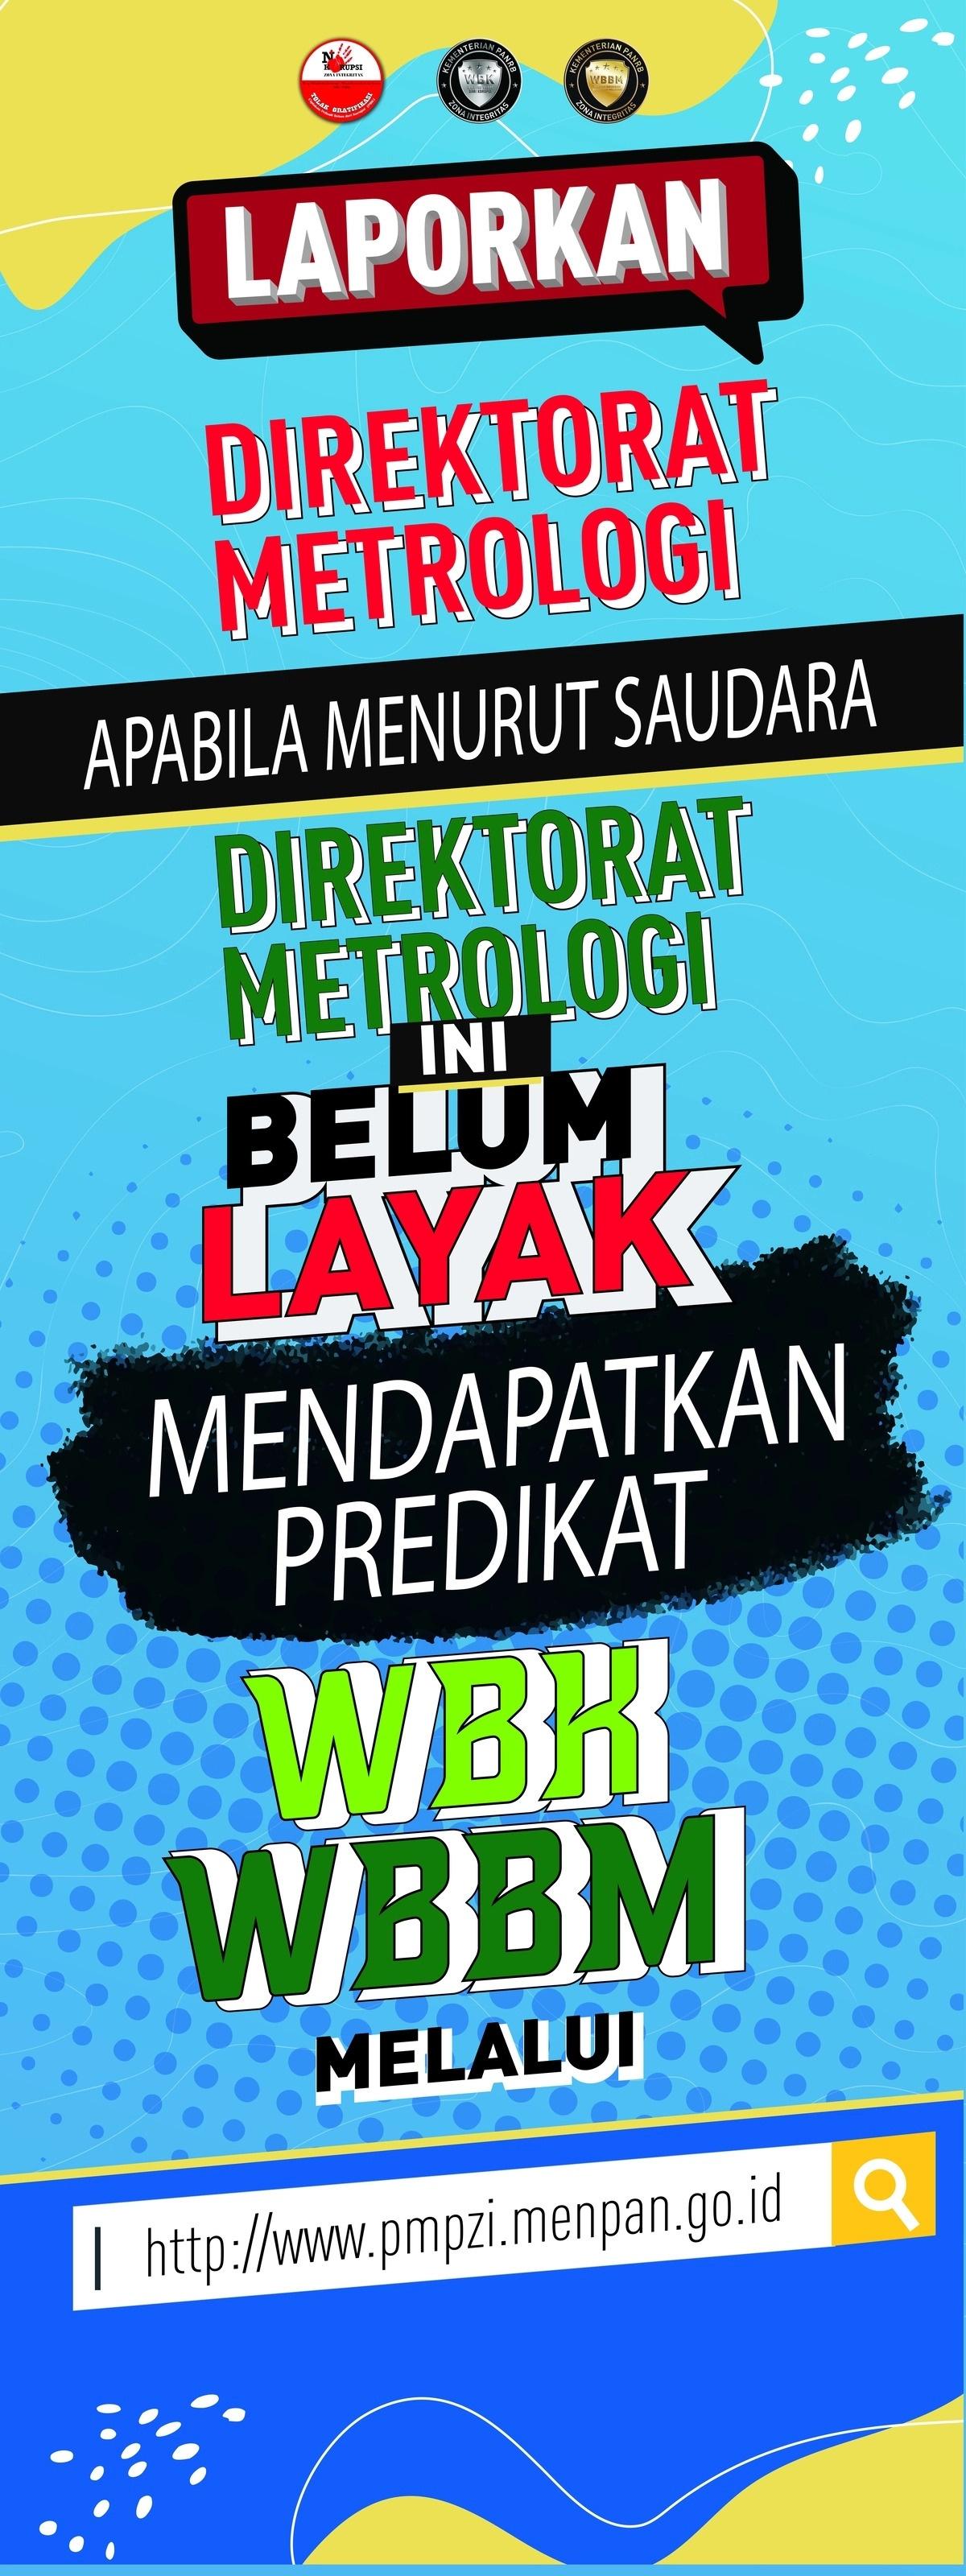 Direktorat Metrologi